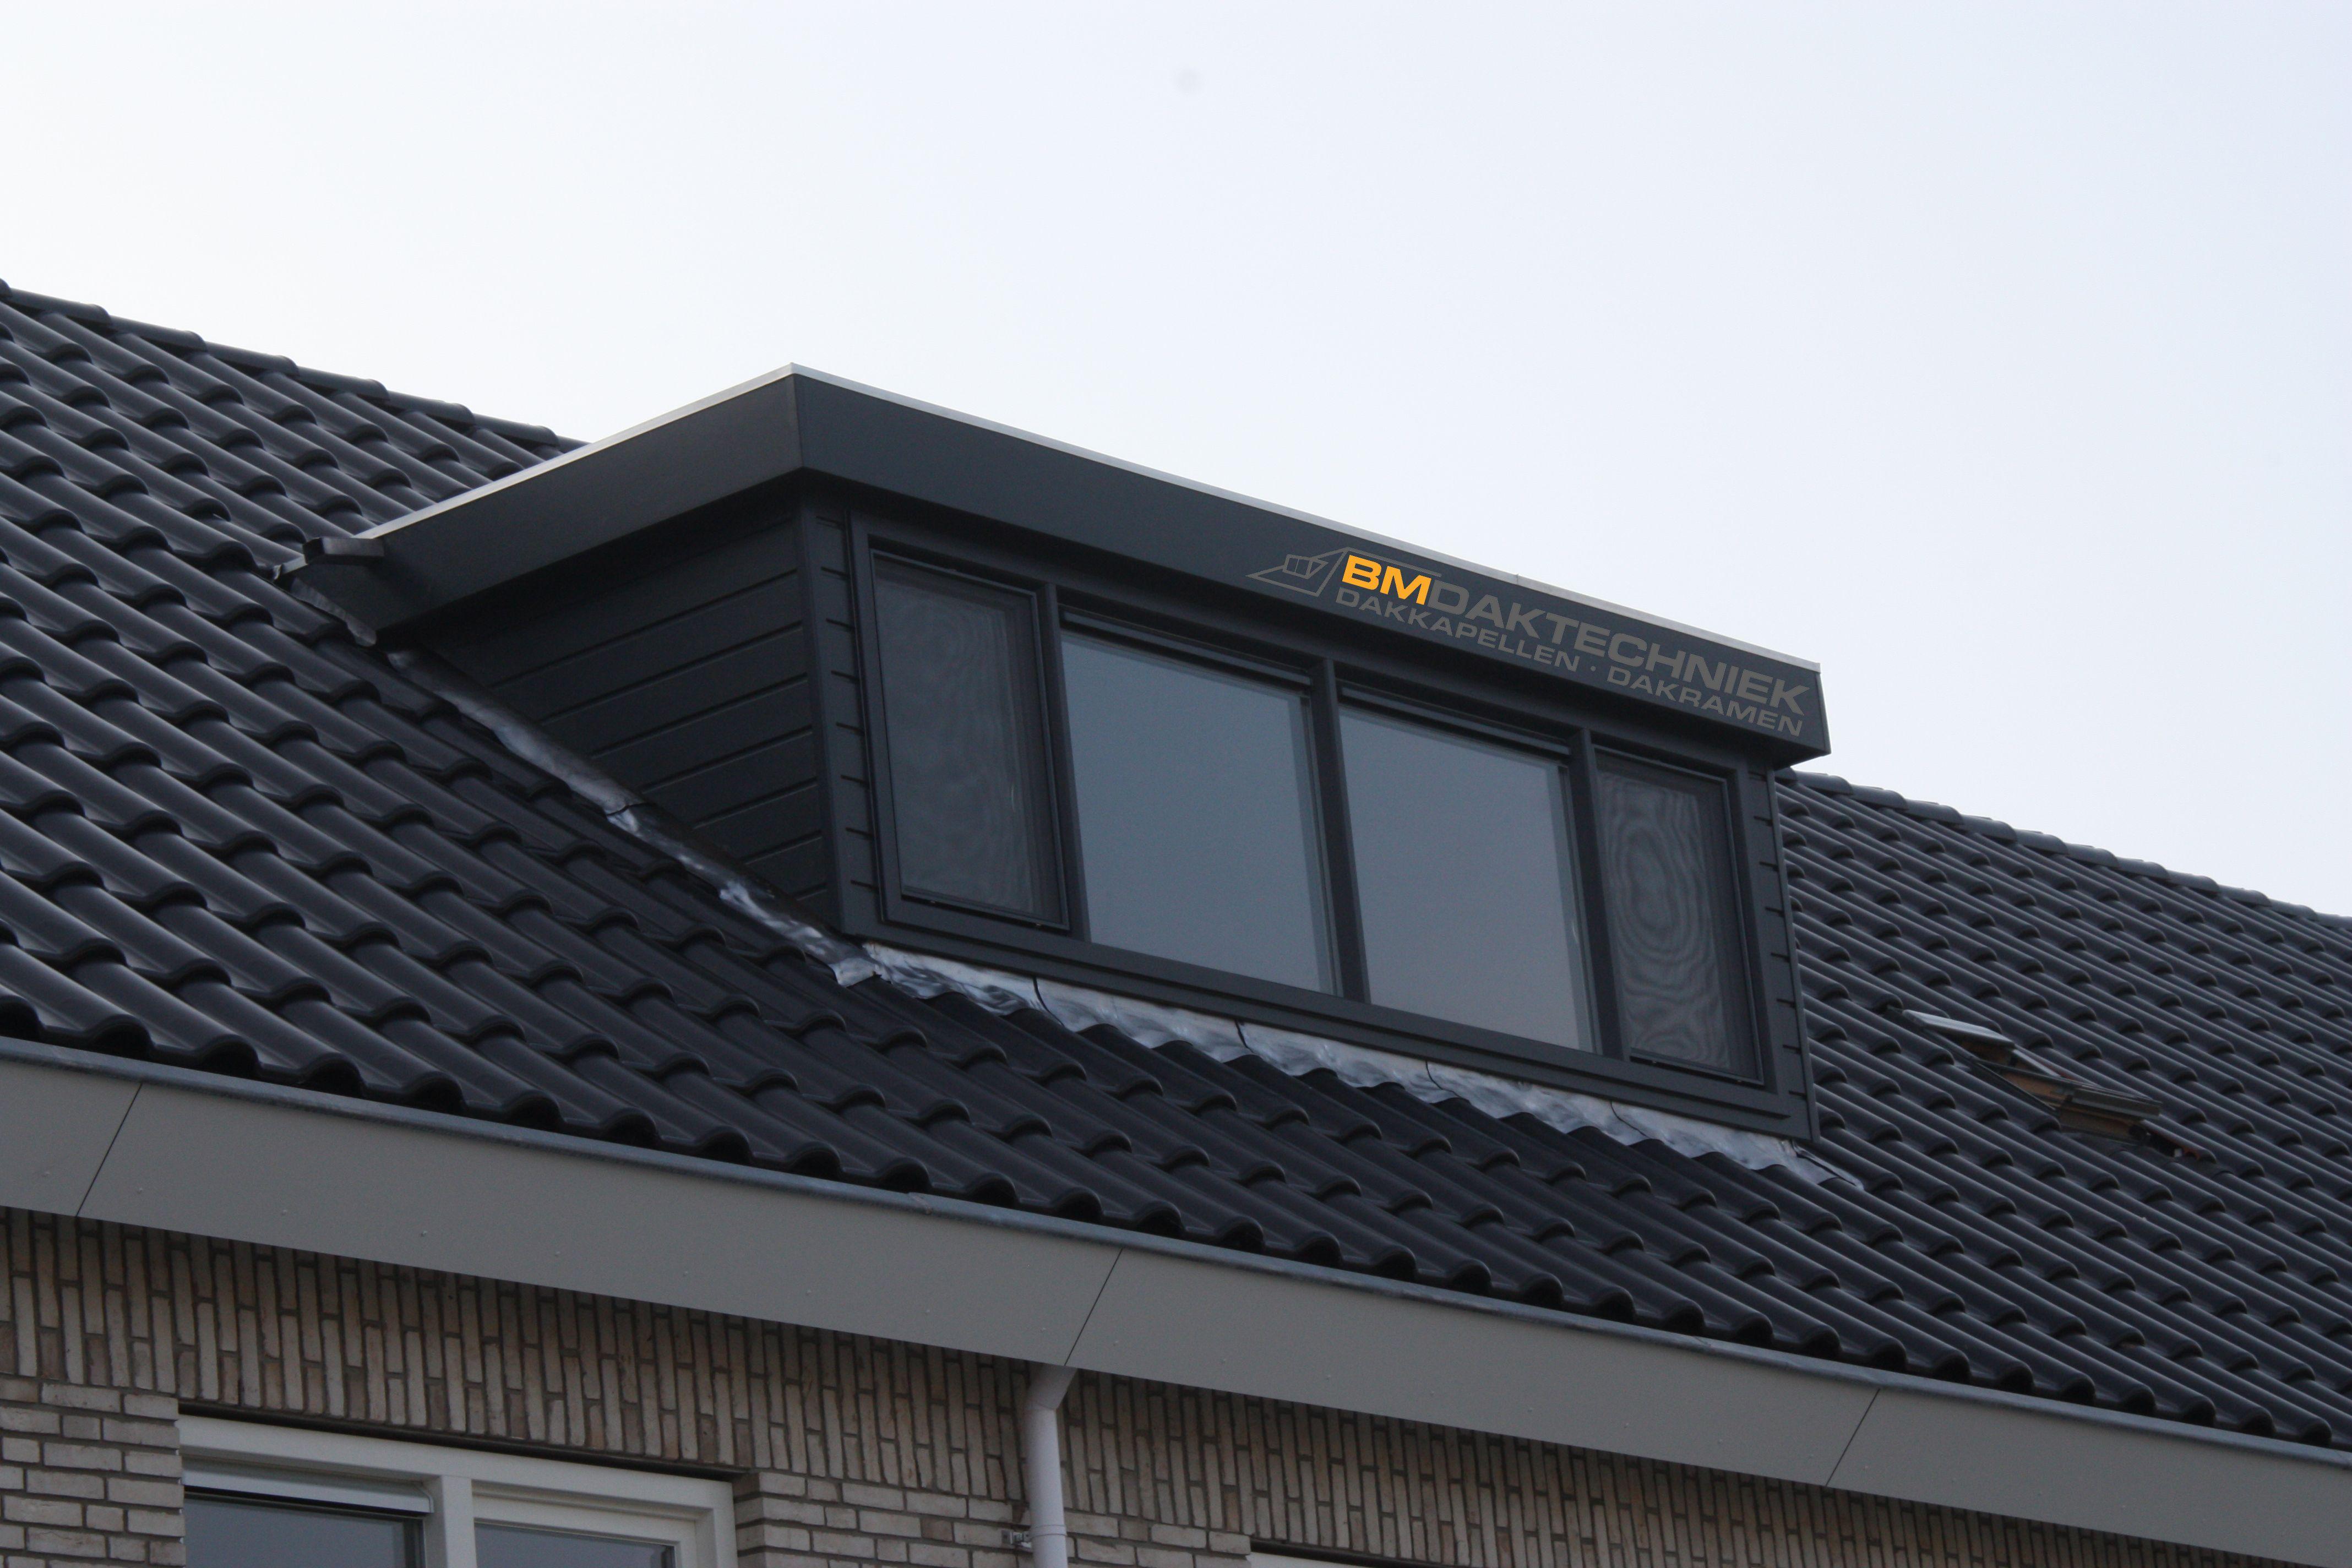 Kunststof dakkapel met Keralit rabatdelen. Volledig in het